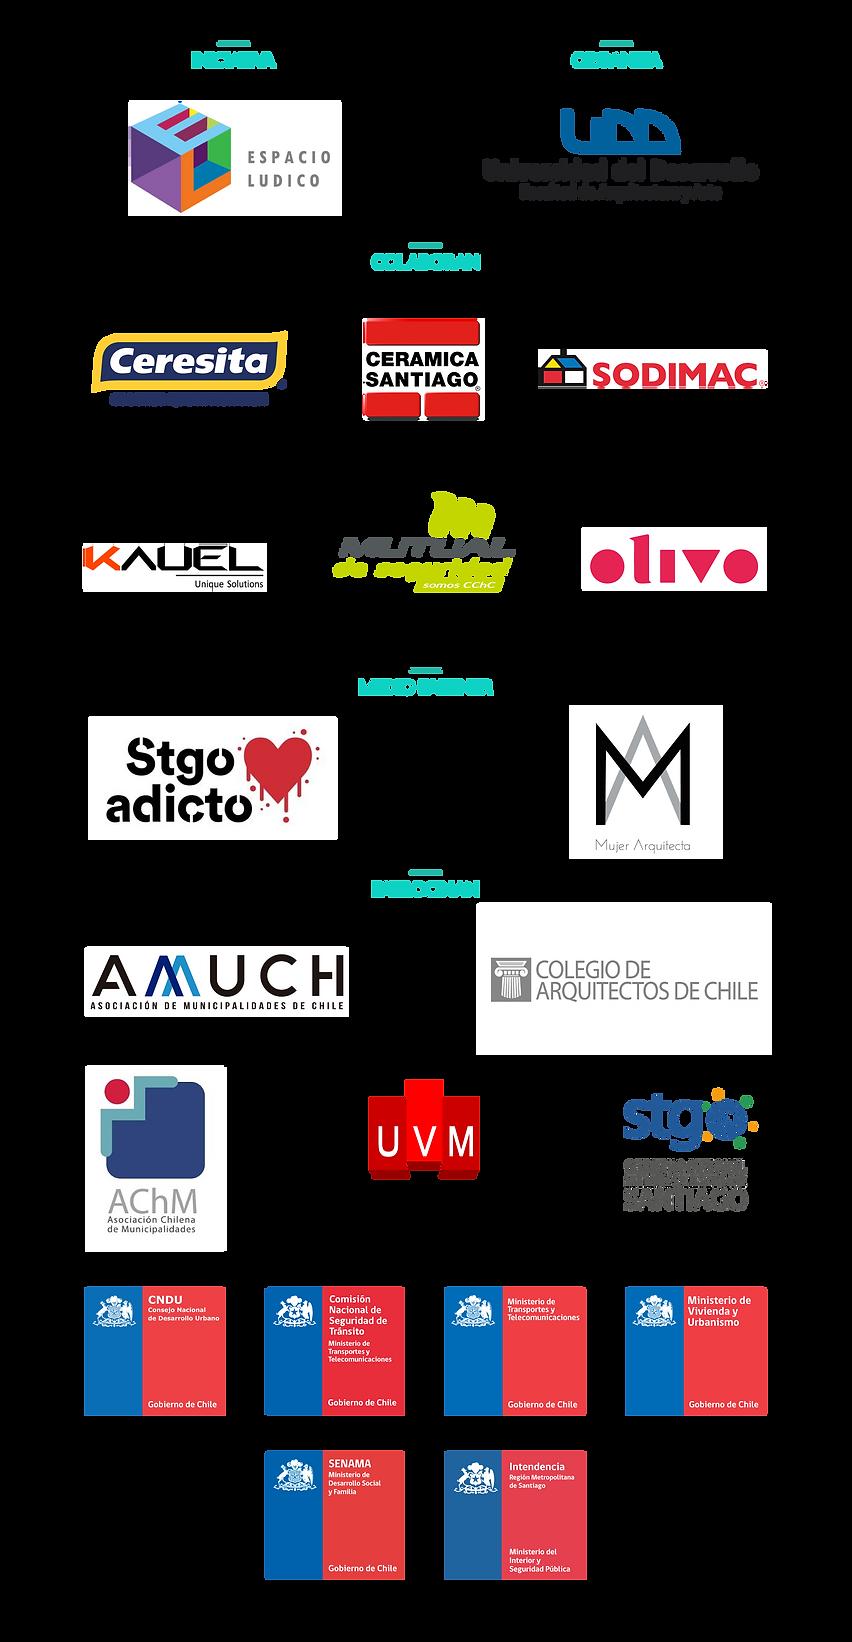 maqueta web ciudad colaborativa-11.png